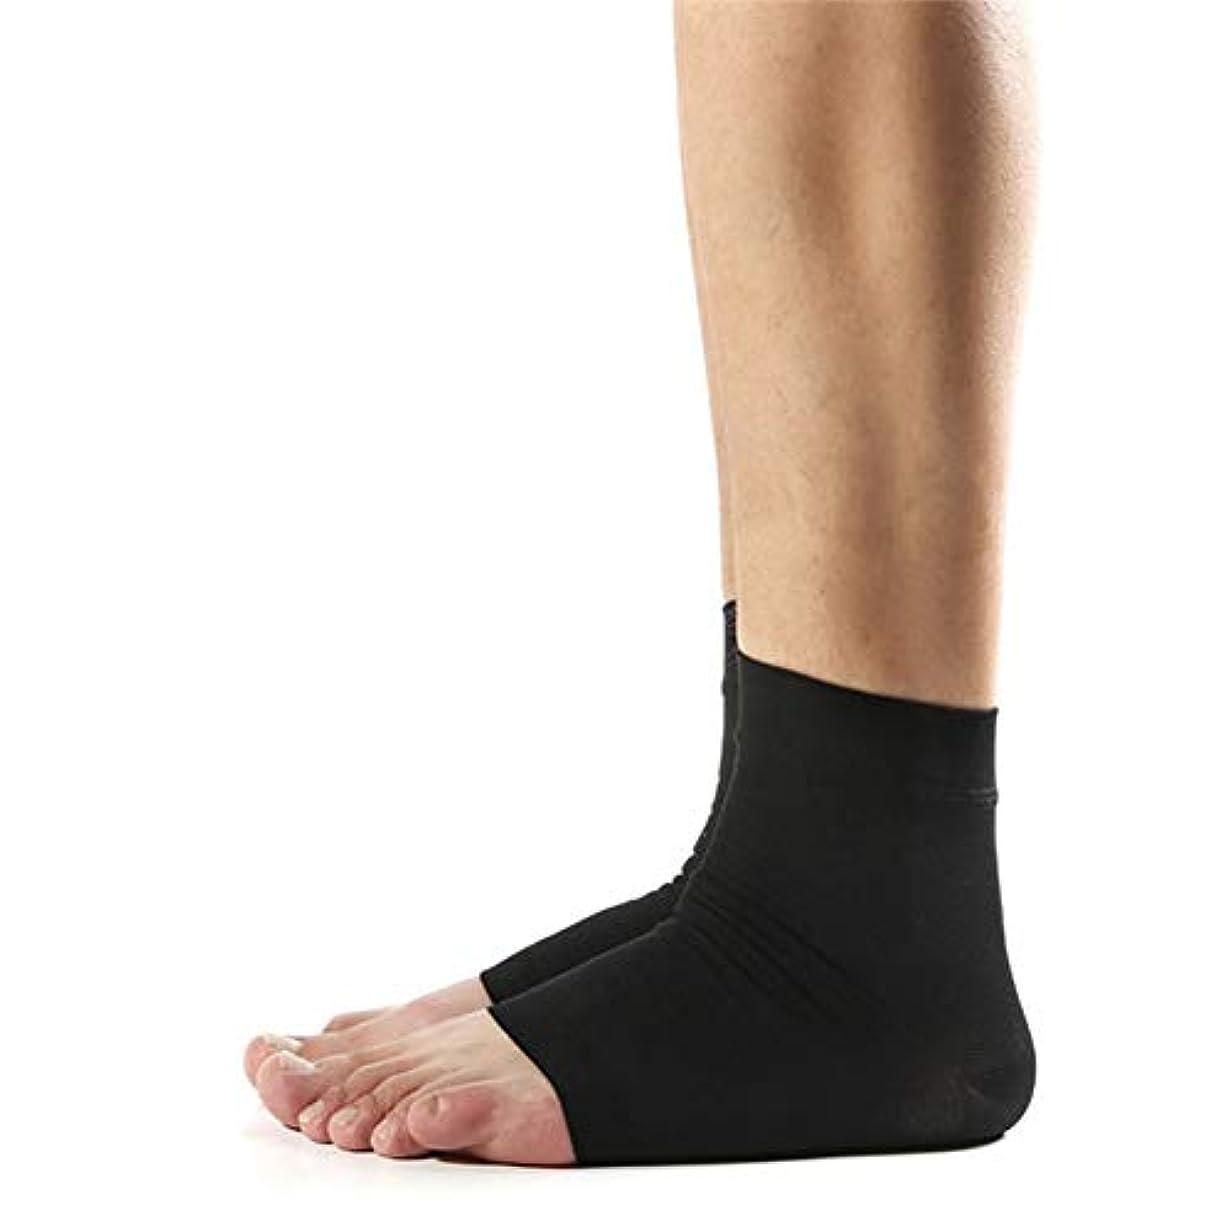 かかと保護弾性靴下(1ペア)、ハイヒールを破裂させるためのかかと保護装置、足底筋膜炎の緩和、かかとの拍車,黒,M